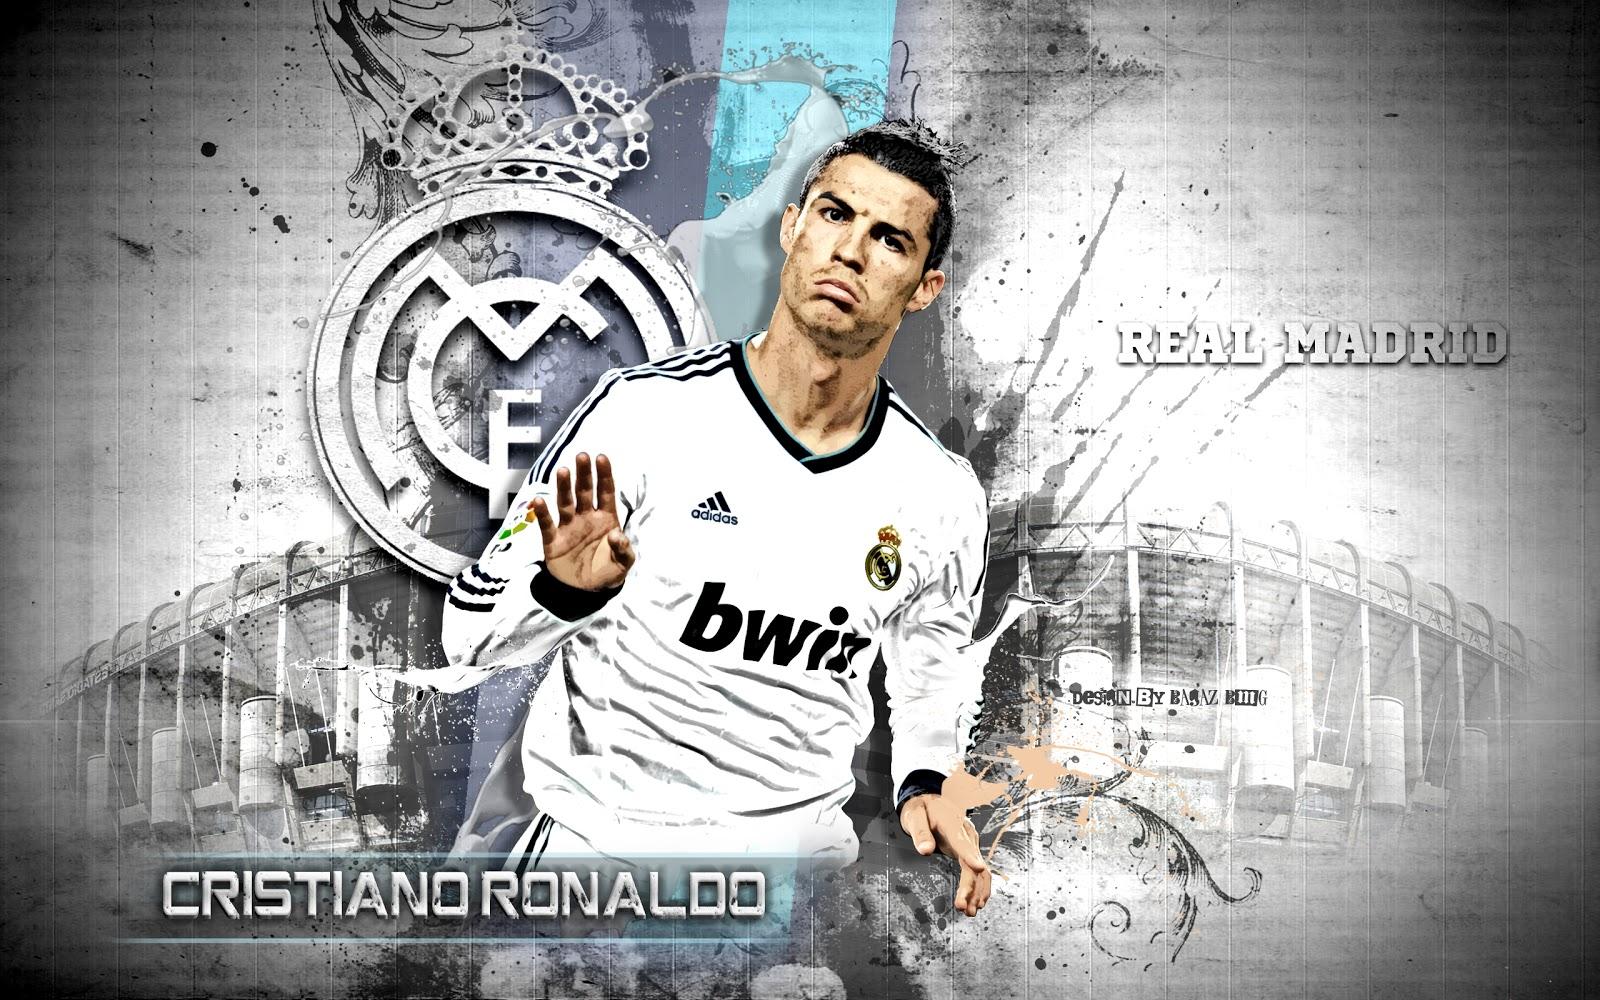 Cristiano Ronaldo Calm Down HD Wallpaper #382